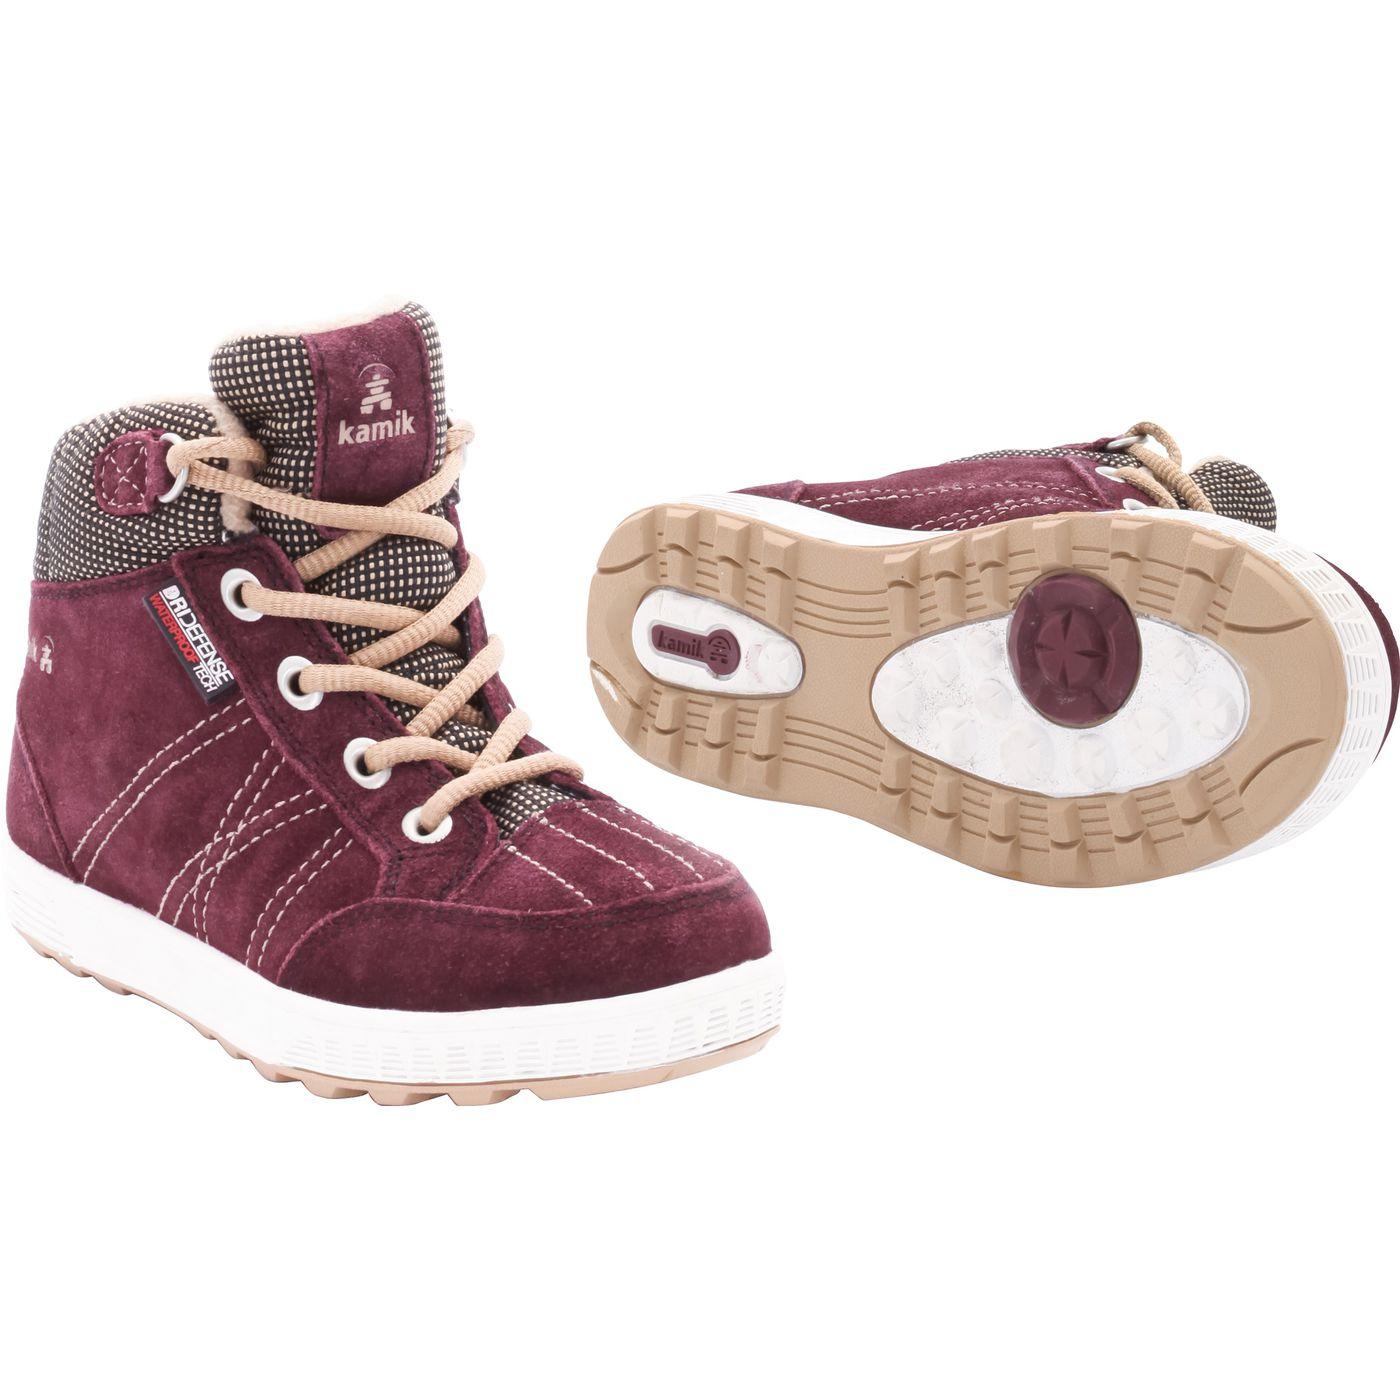 Дети Лодыжки Обувь Камик